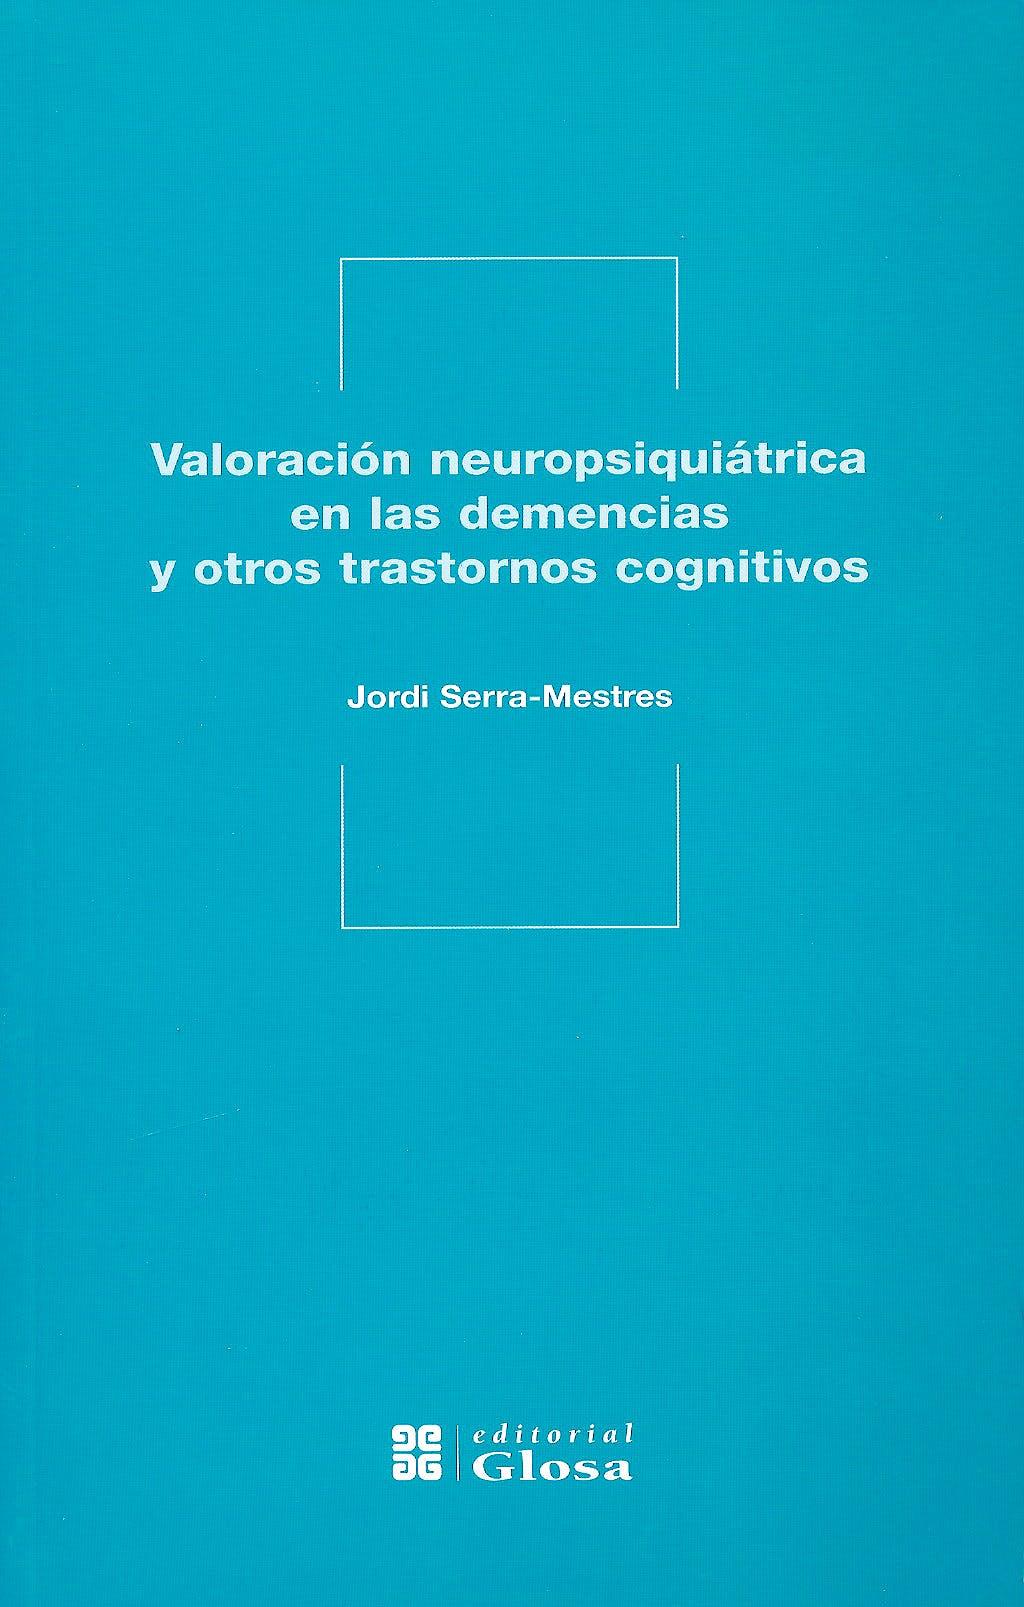 Portada del libro 9788474293593 Valoracion Neuropsiquiatrica en las Demencias y Otros Trastornos Cognitivos